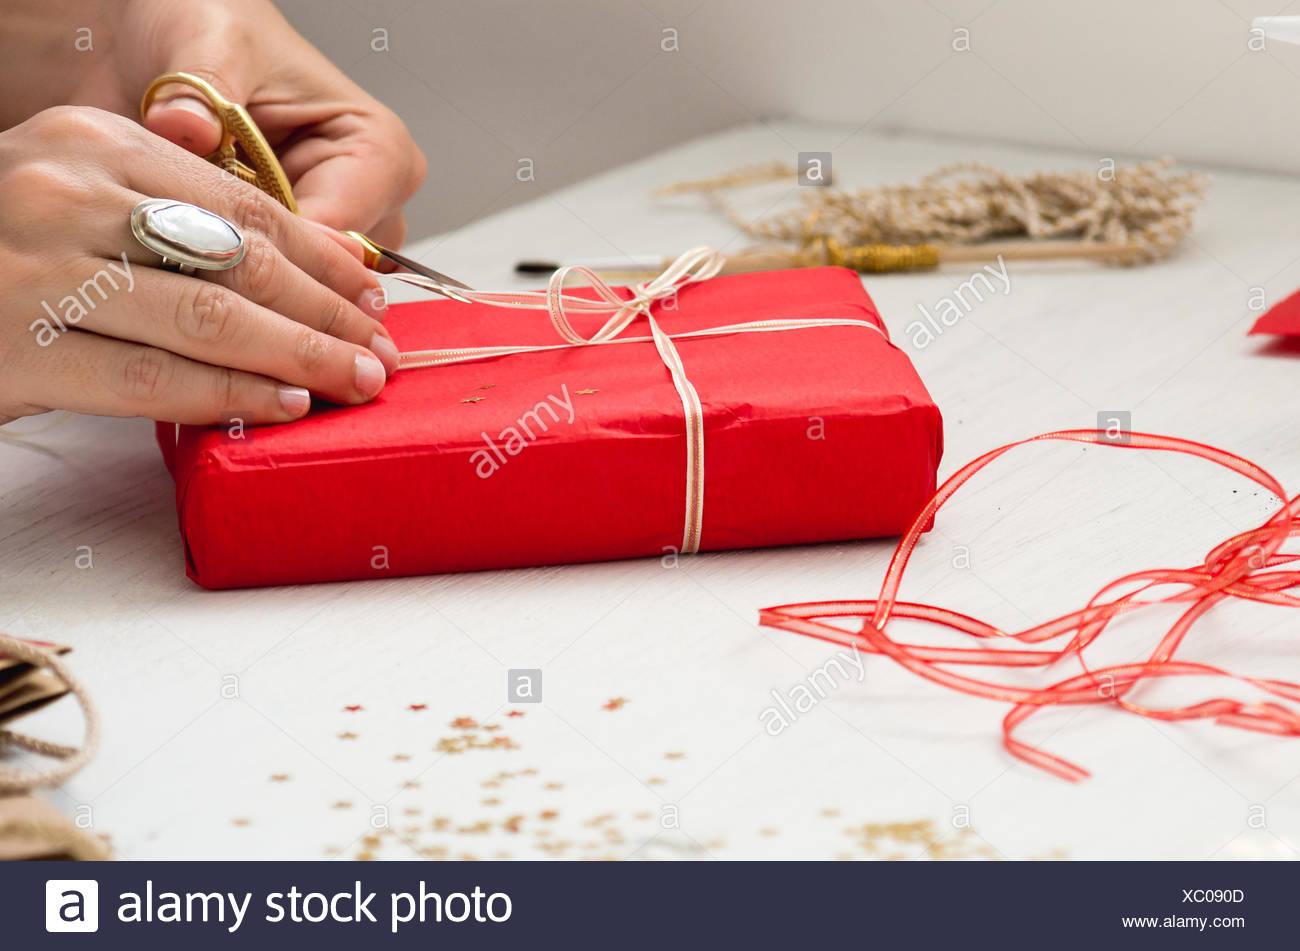 Immagine ritagliata di mano il nastro di taglio sul dono a tavola Immagini Stock